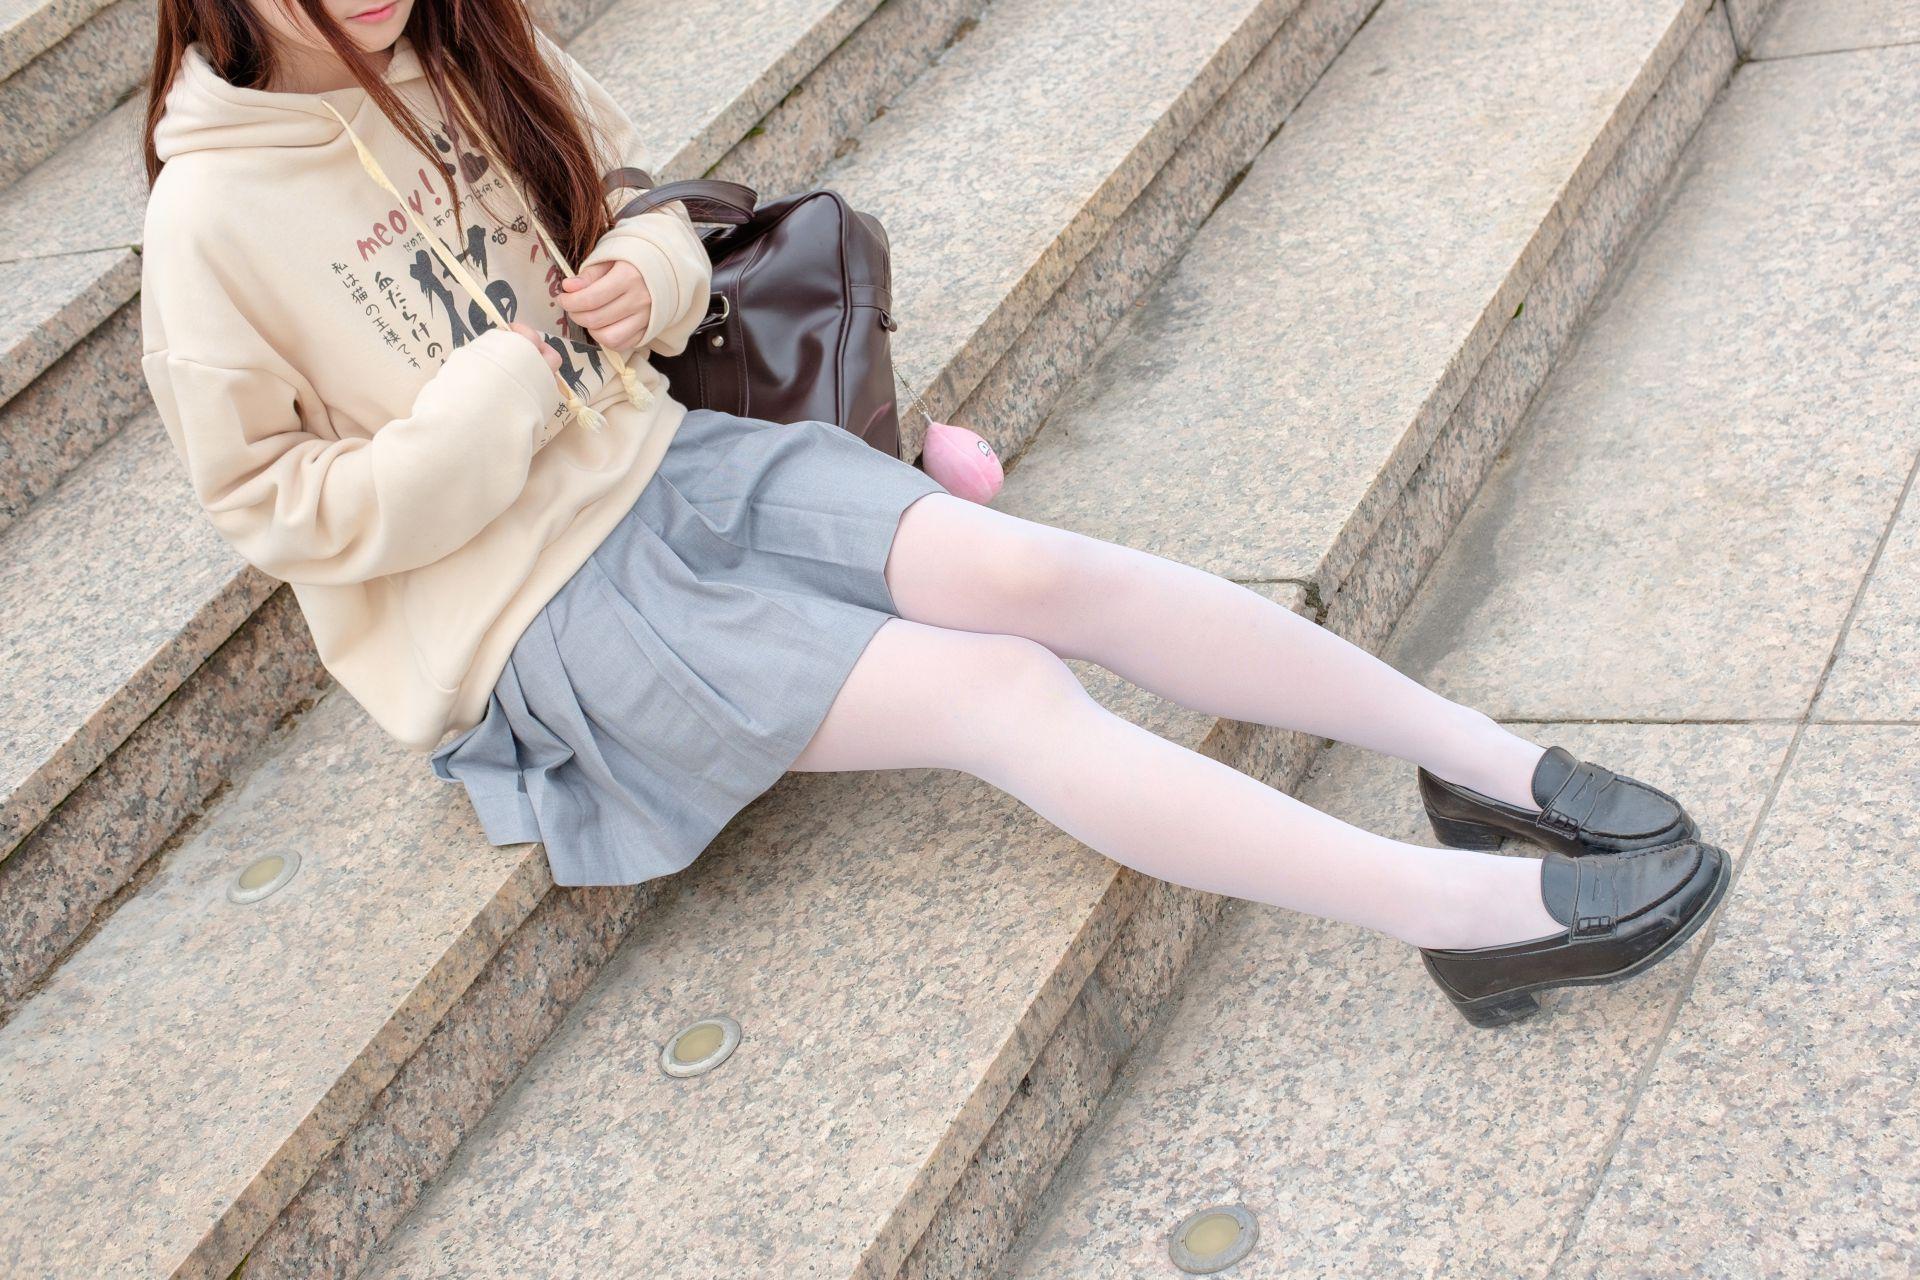 【森萝财团】森萝财团写真 - R15-040 户外白丝短裙 [131P-864MB] R15系列 第4张